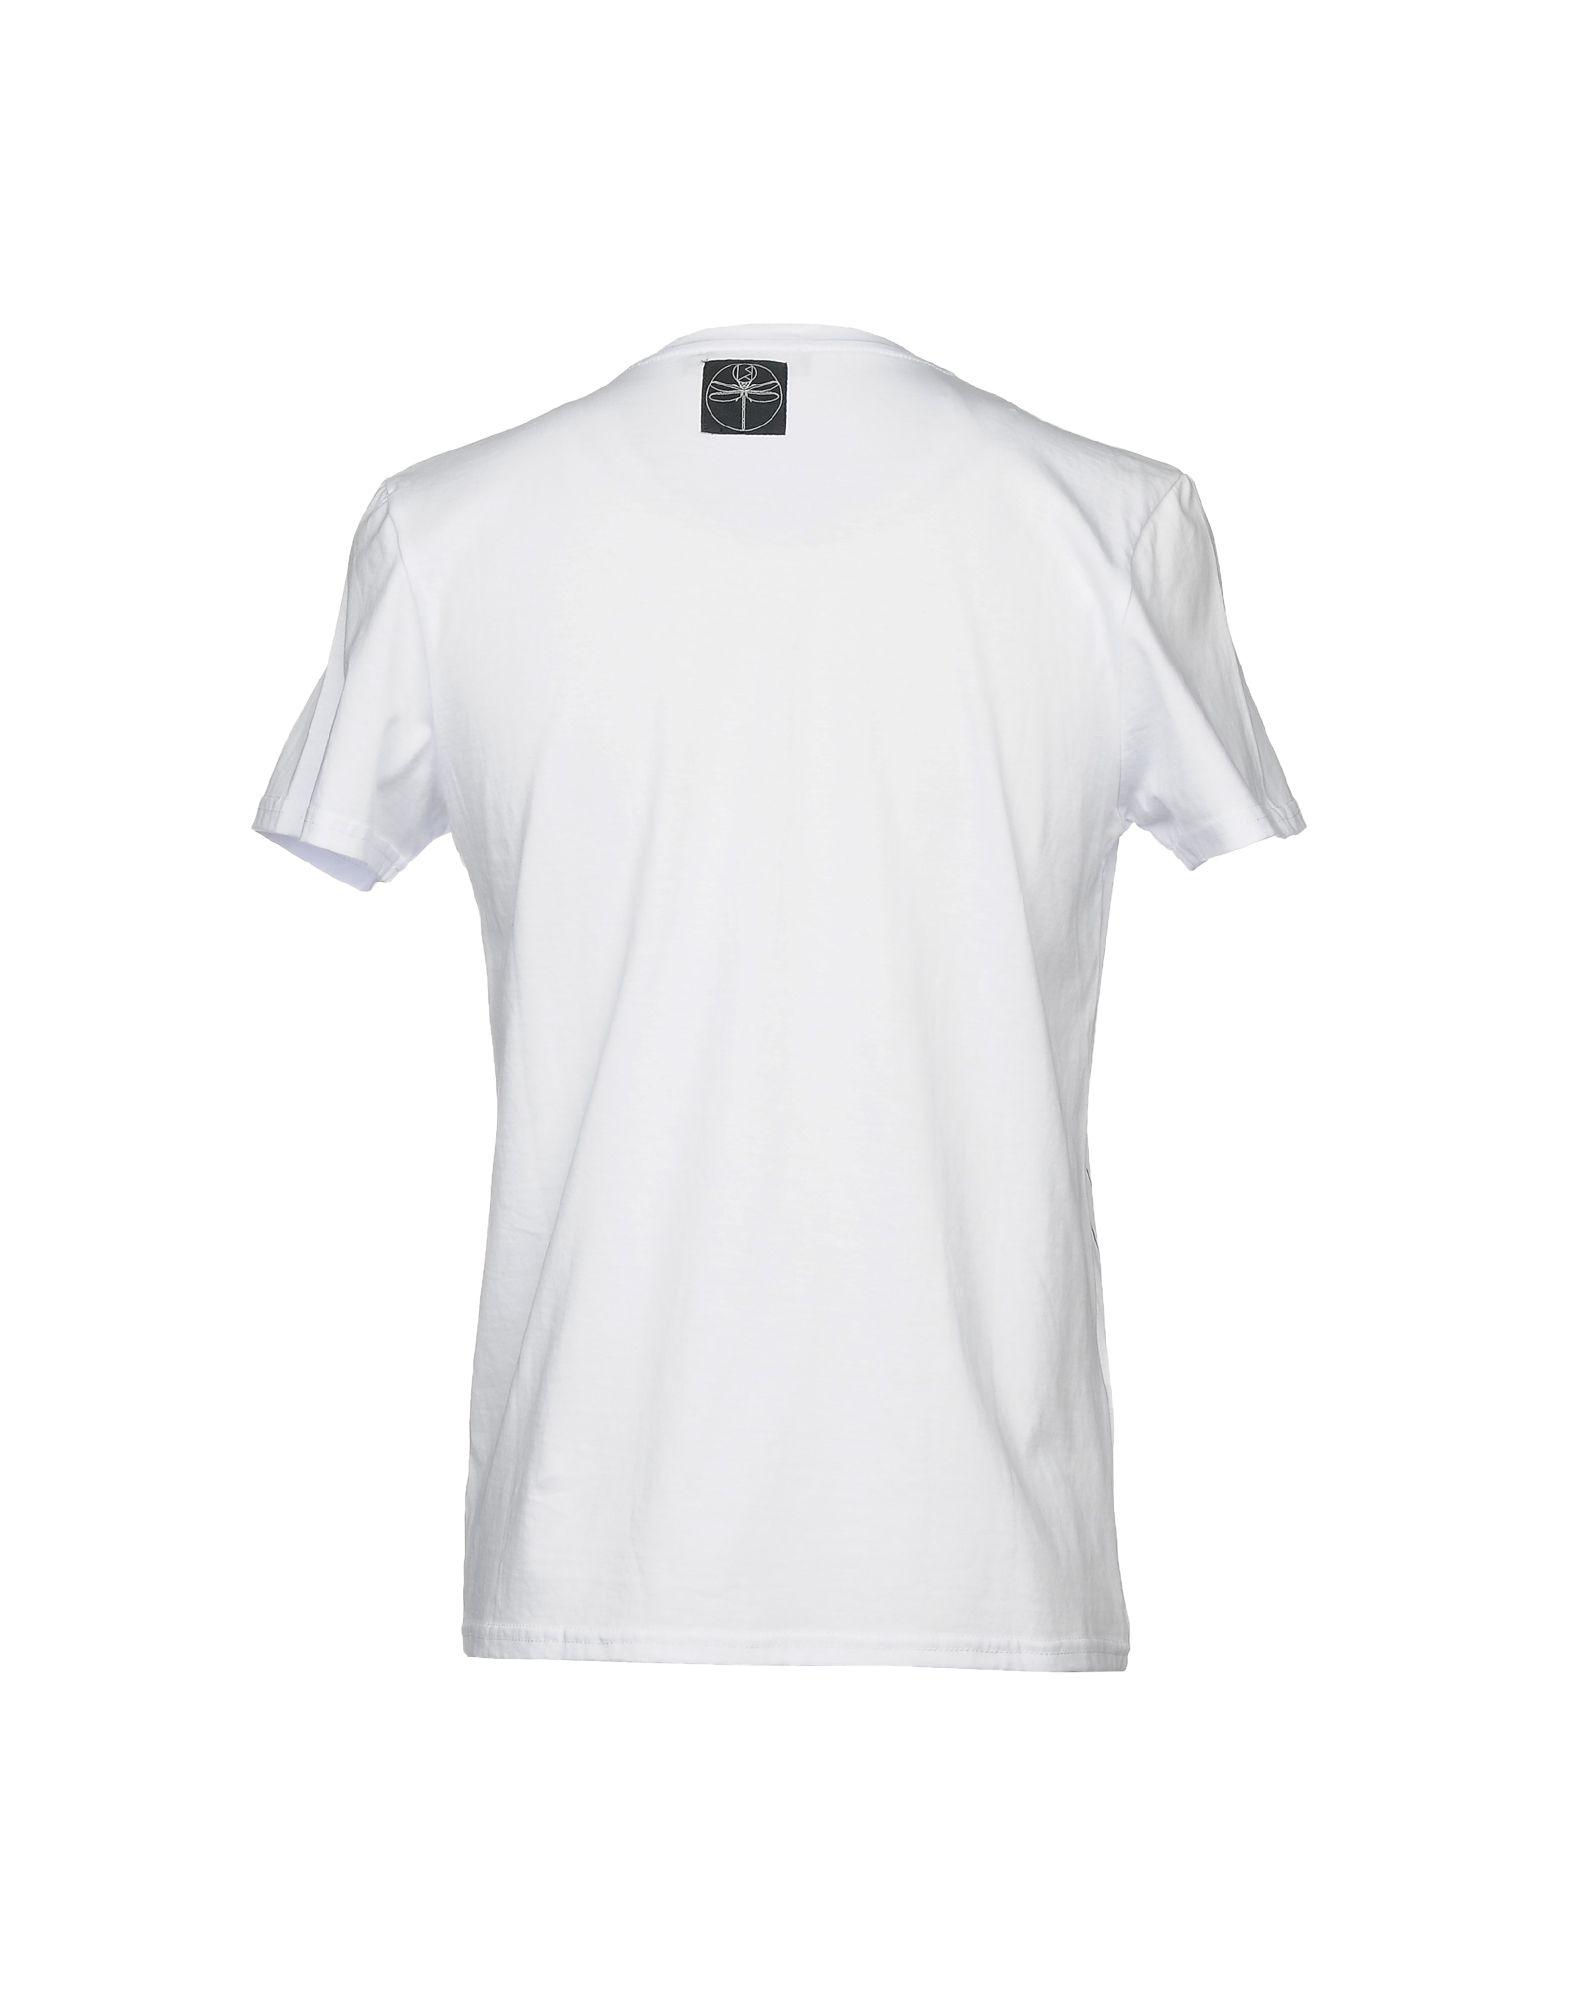 T-Shirt Les Bohēmiens Uomo Uomo Bohēmiens - 12137986JV 79bb00